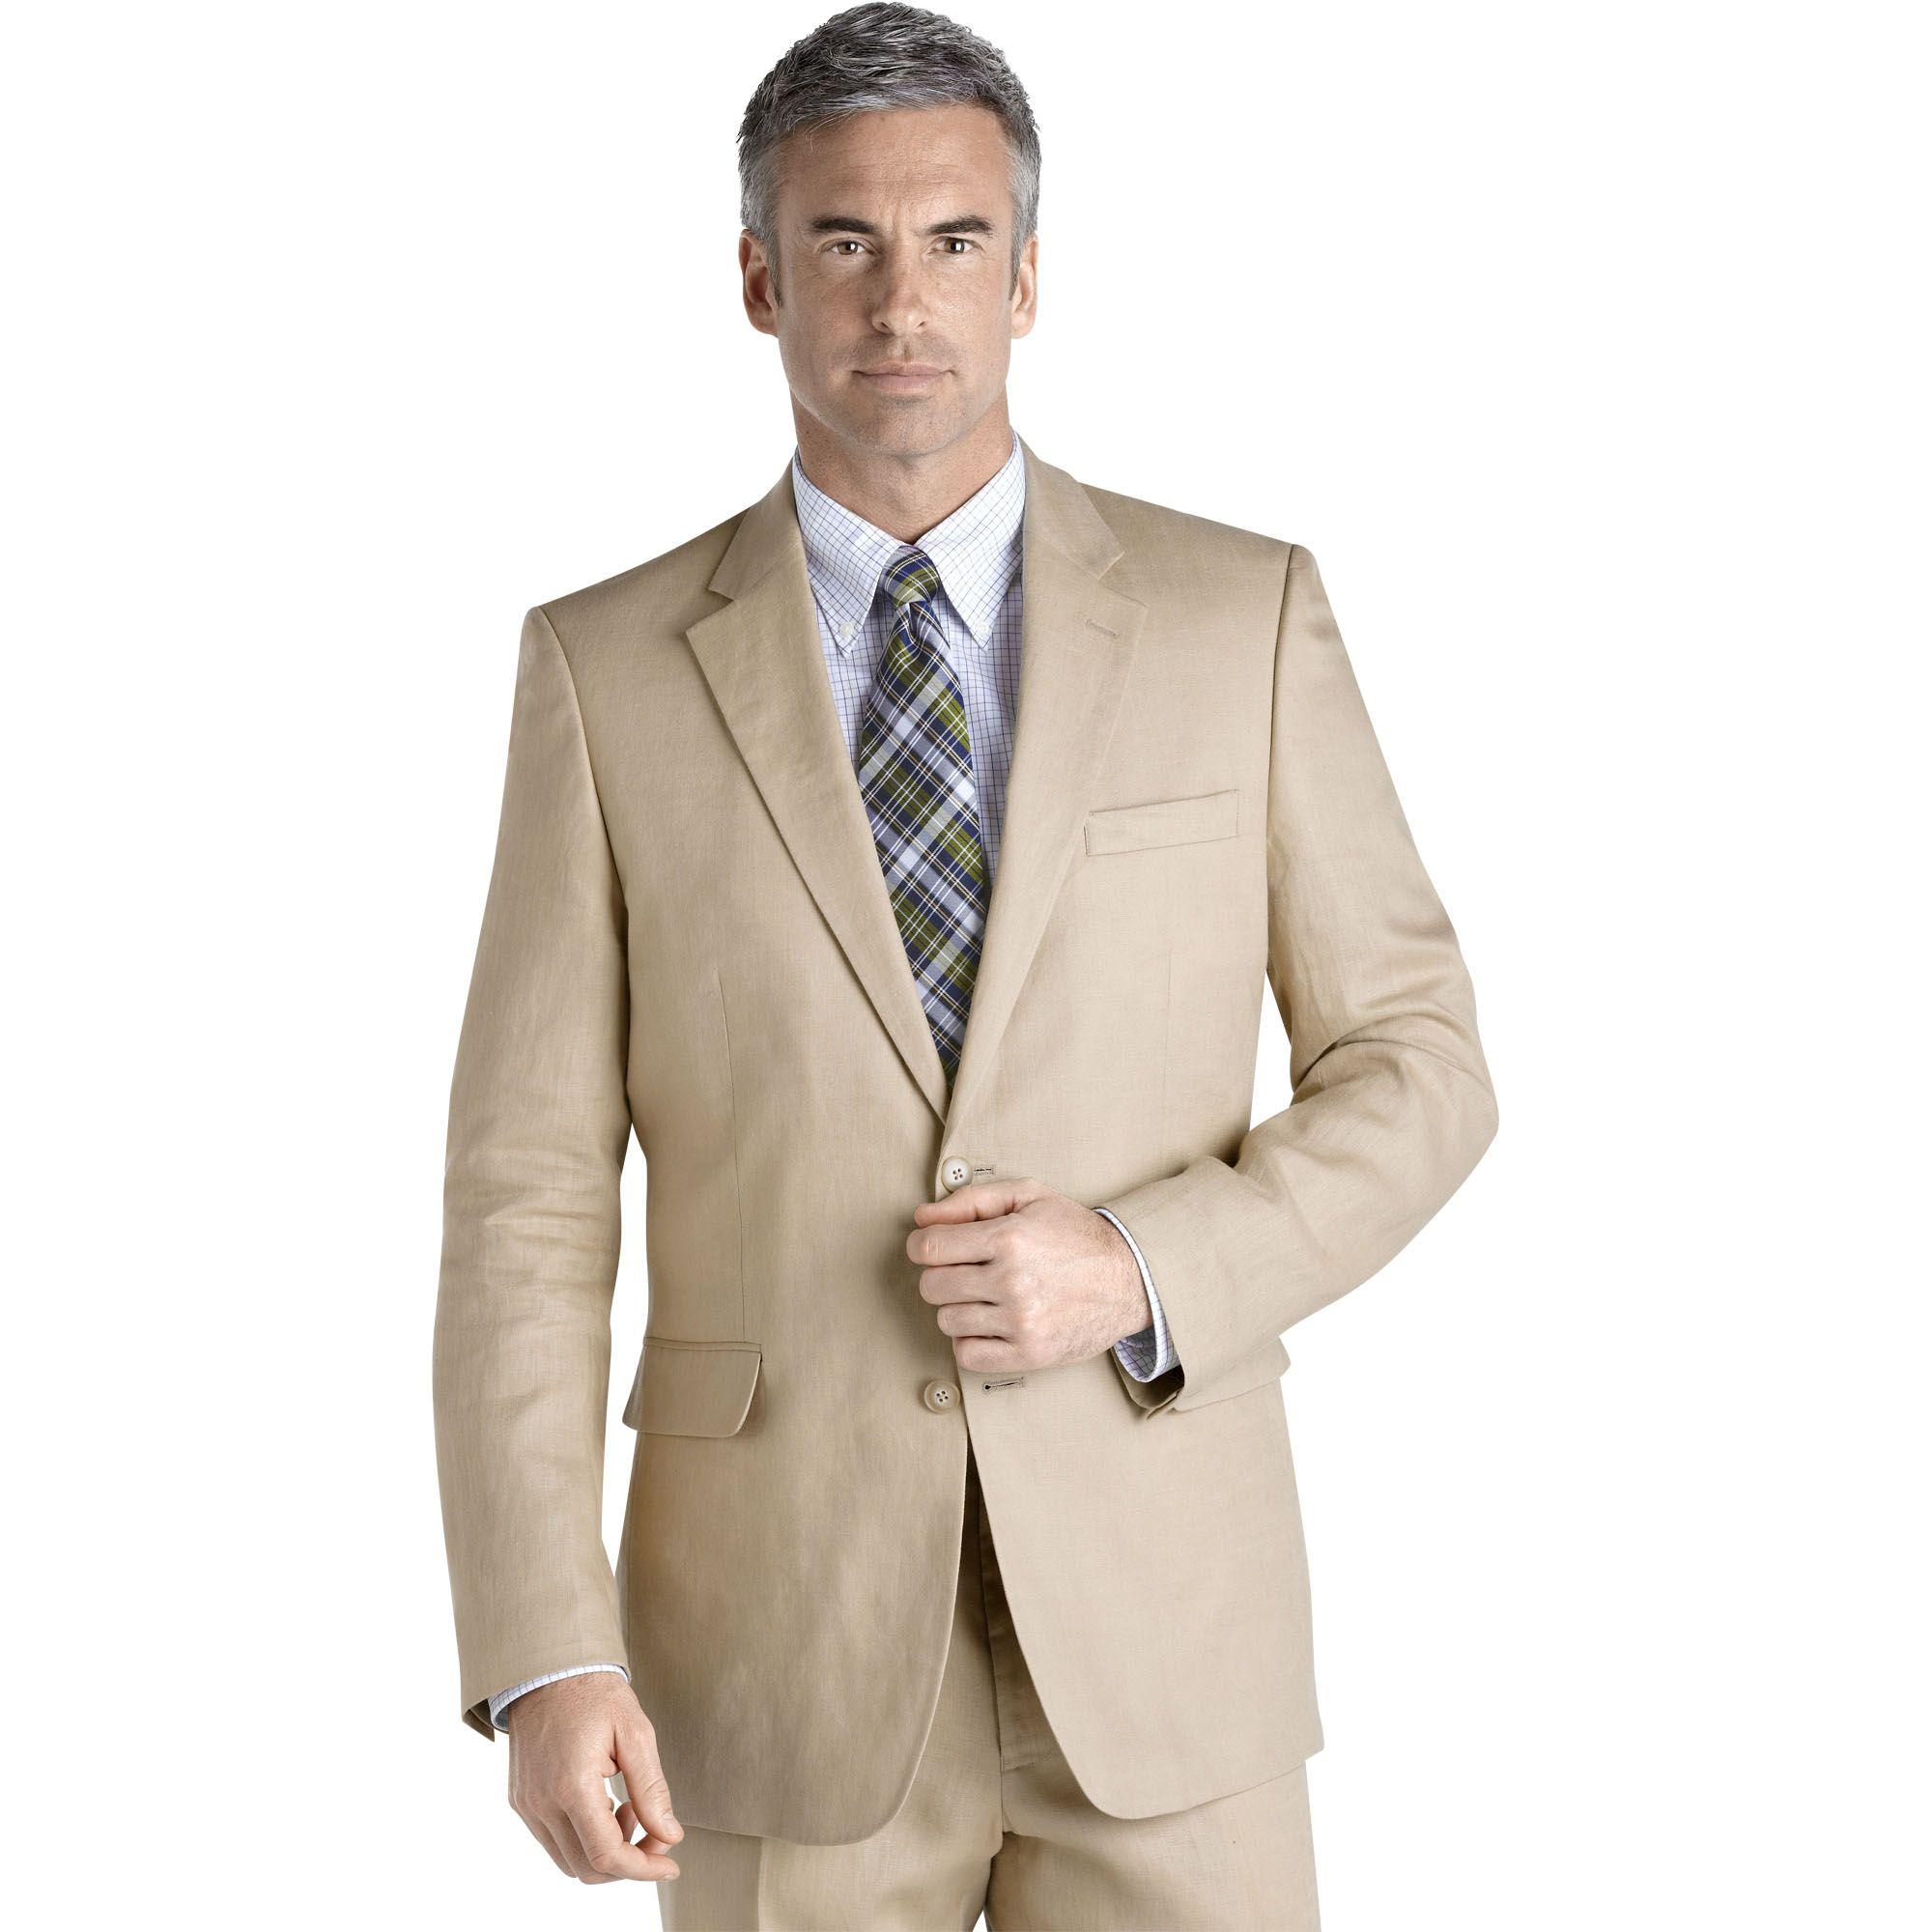 Summer wedding suit option business attire pinterest linen